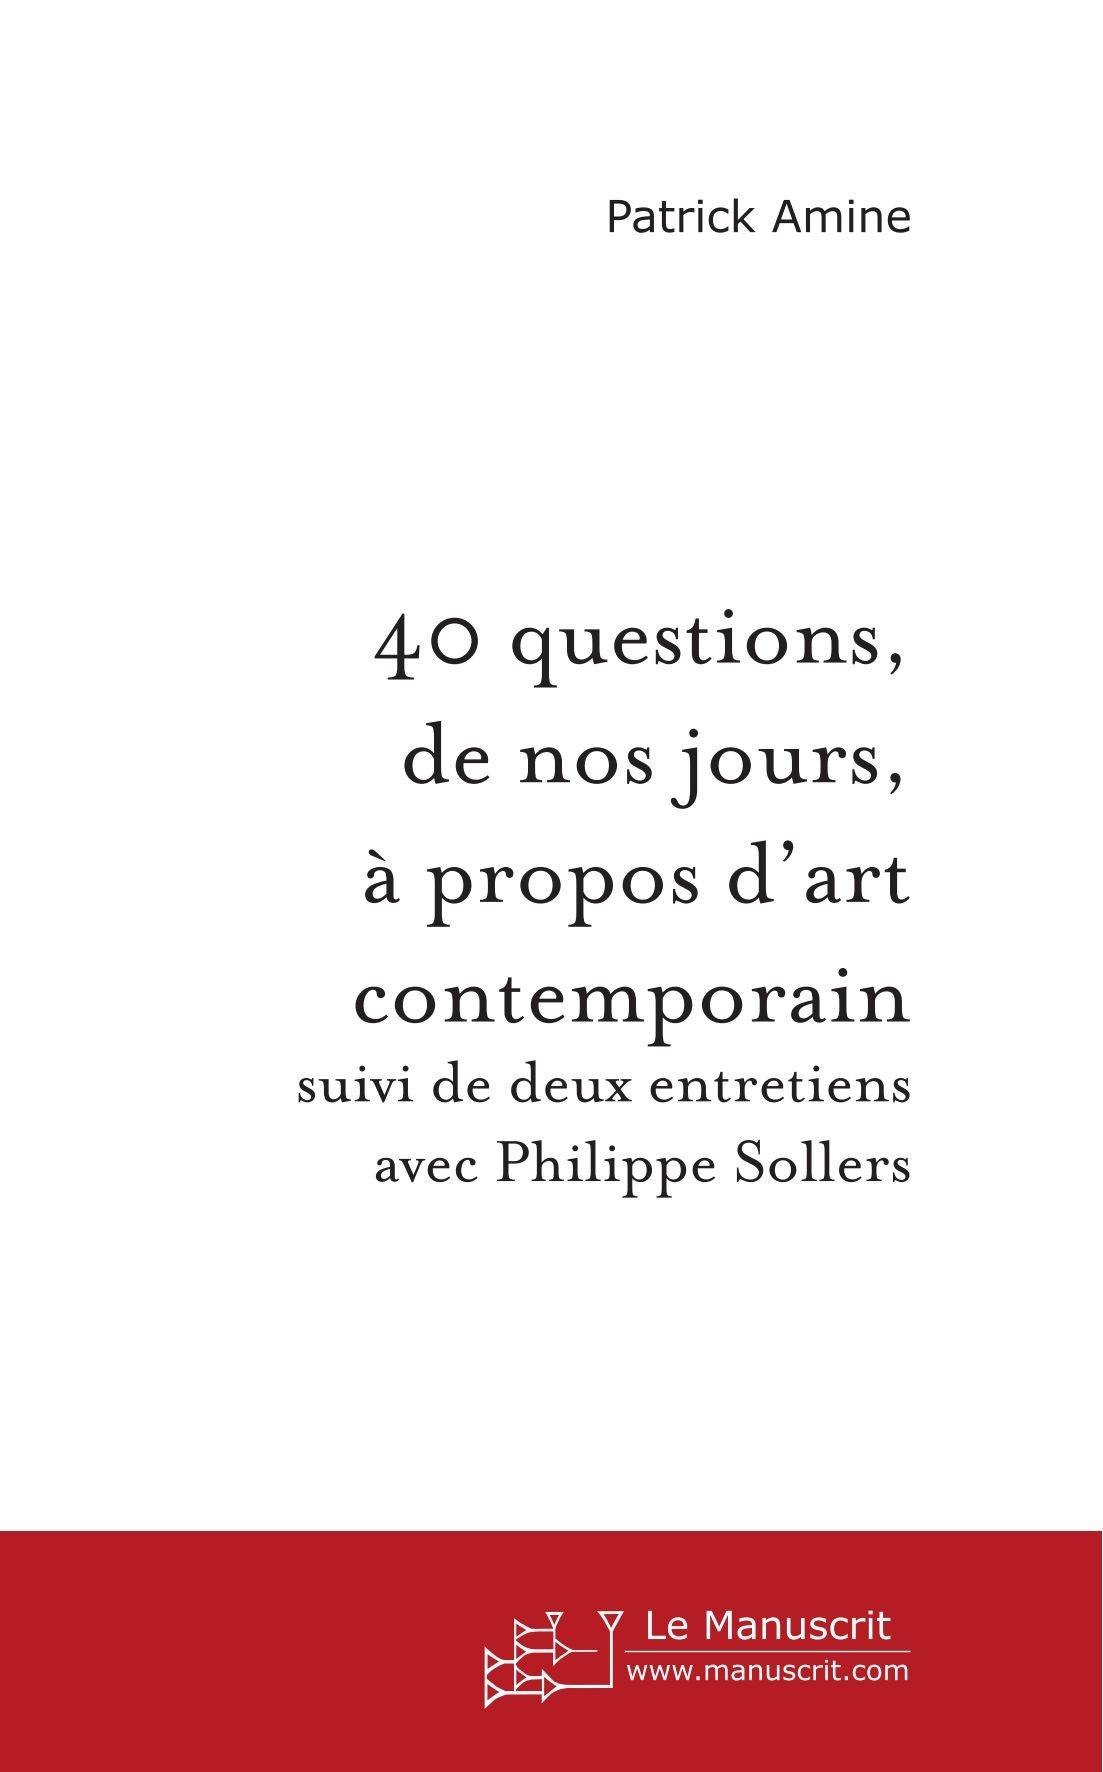 40 questions, de nos jours, à propos d'art contemporain: suivi de deux entretiens avec Philippe Sollers (French Edition) pdf